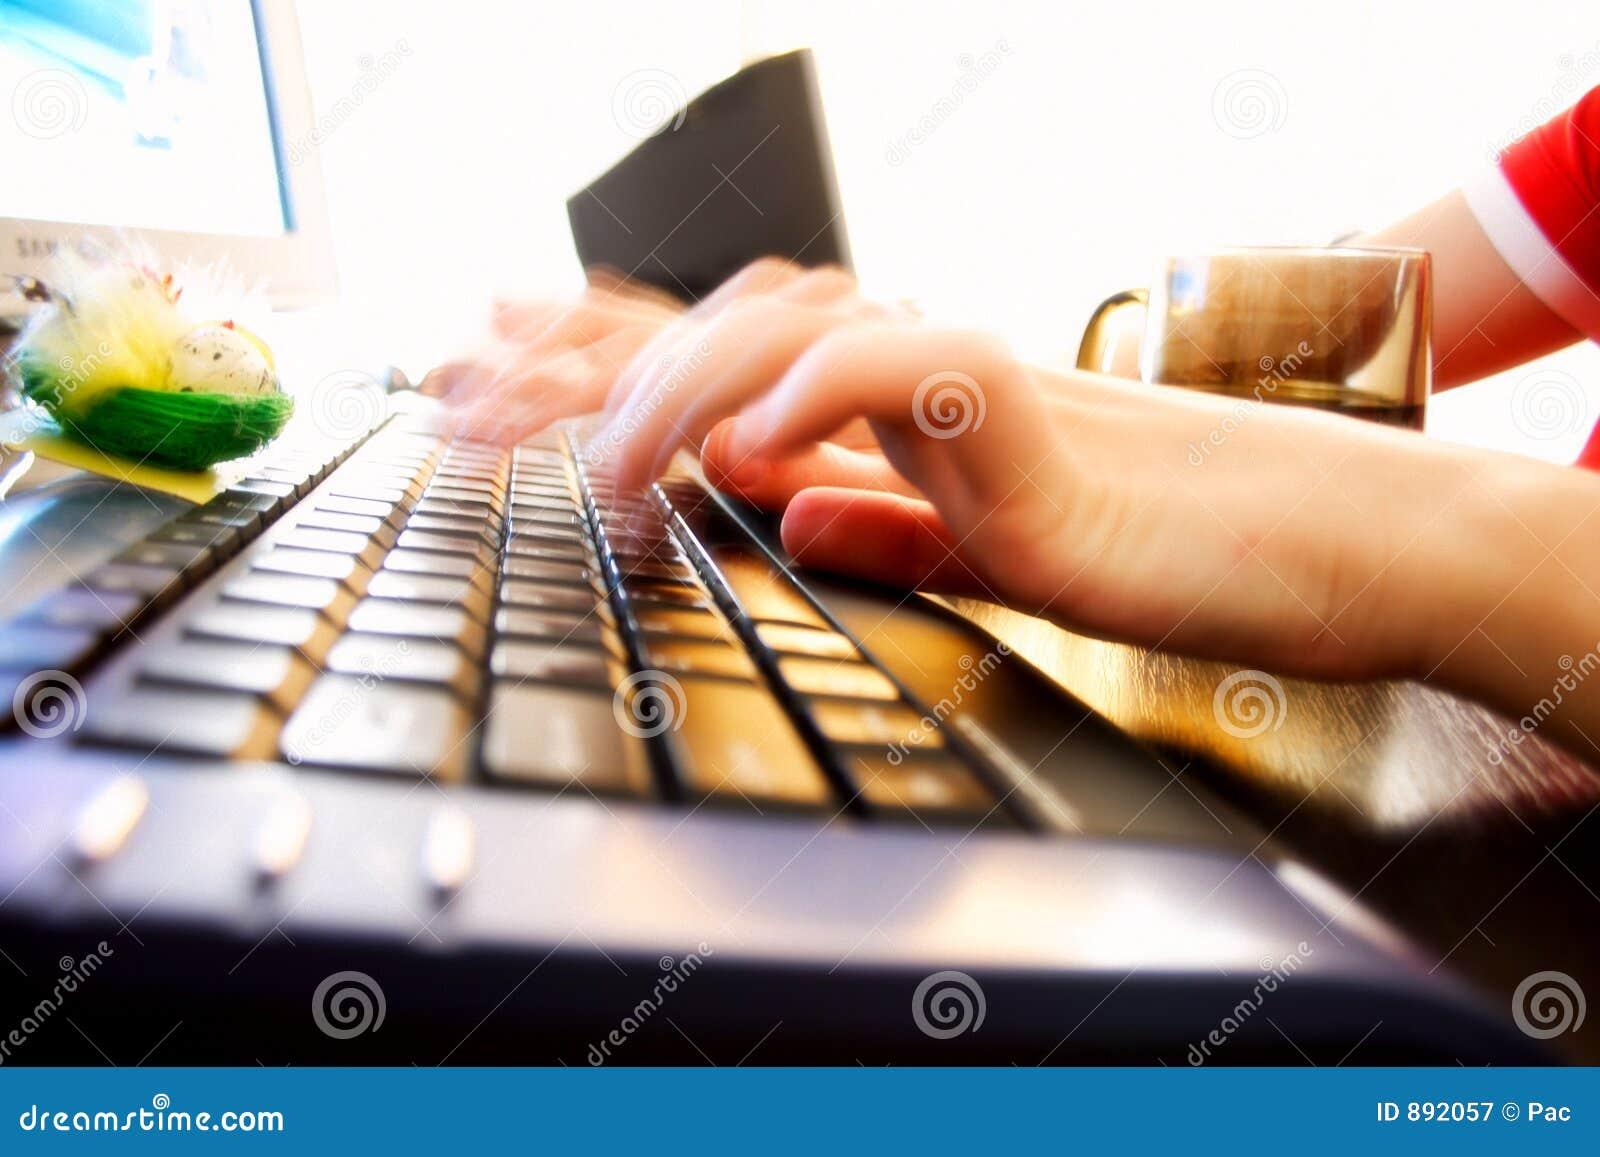 Szybciej klawiaturowi pisać na maszynie młodych kobiet